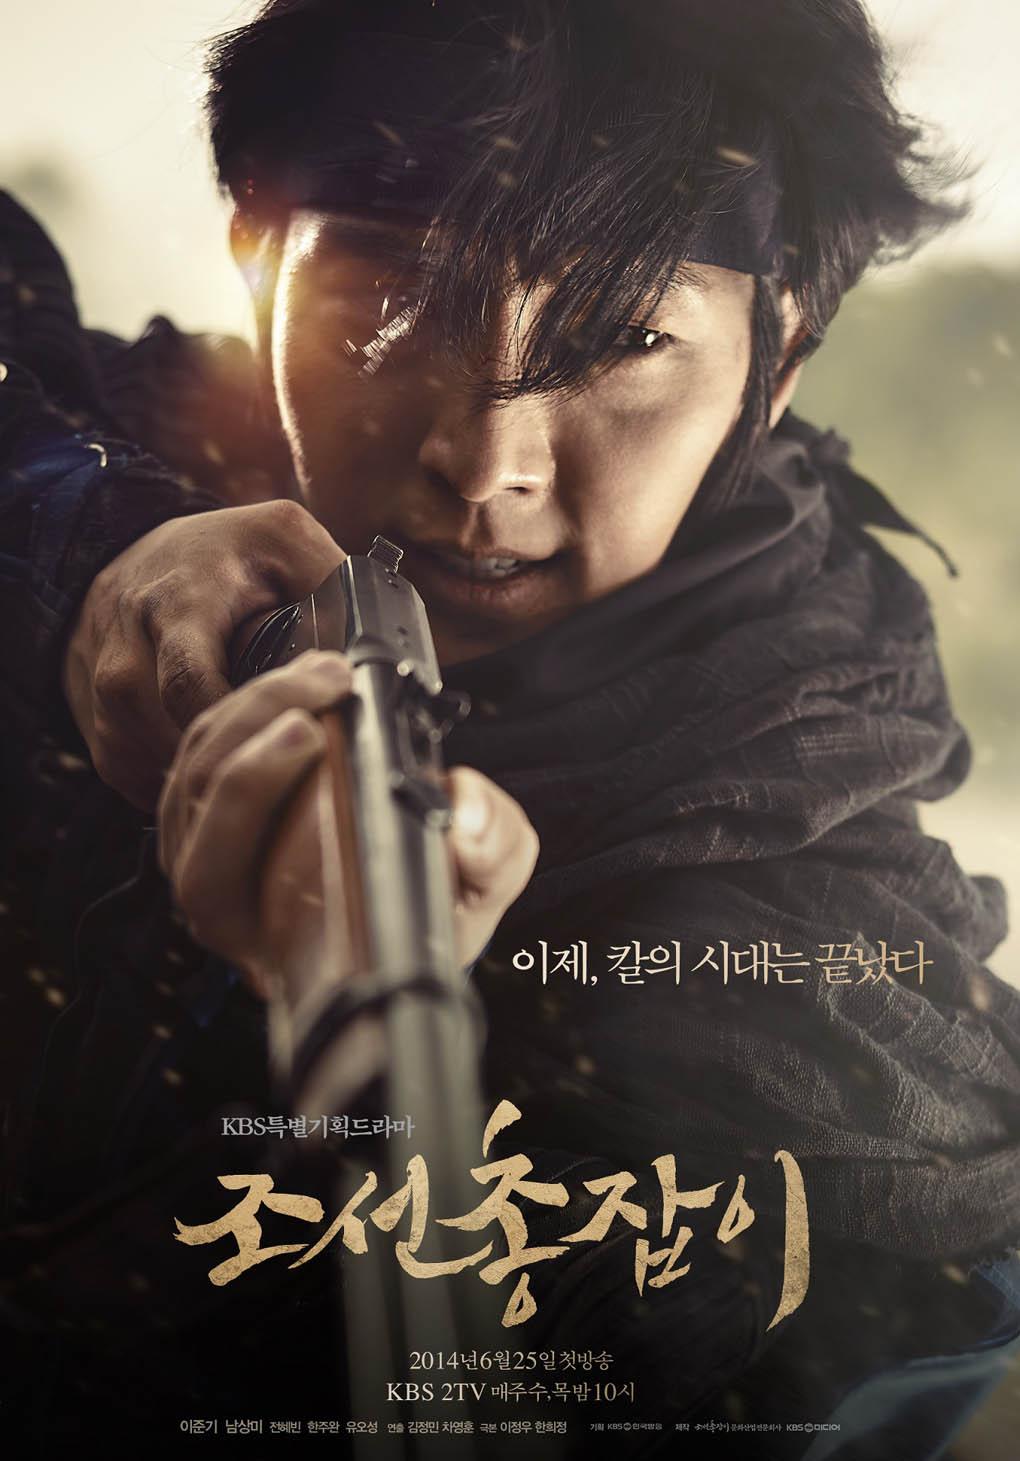 李准基公開新劇《朝鮮神槍手》海報 英雄即將誕生